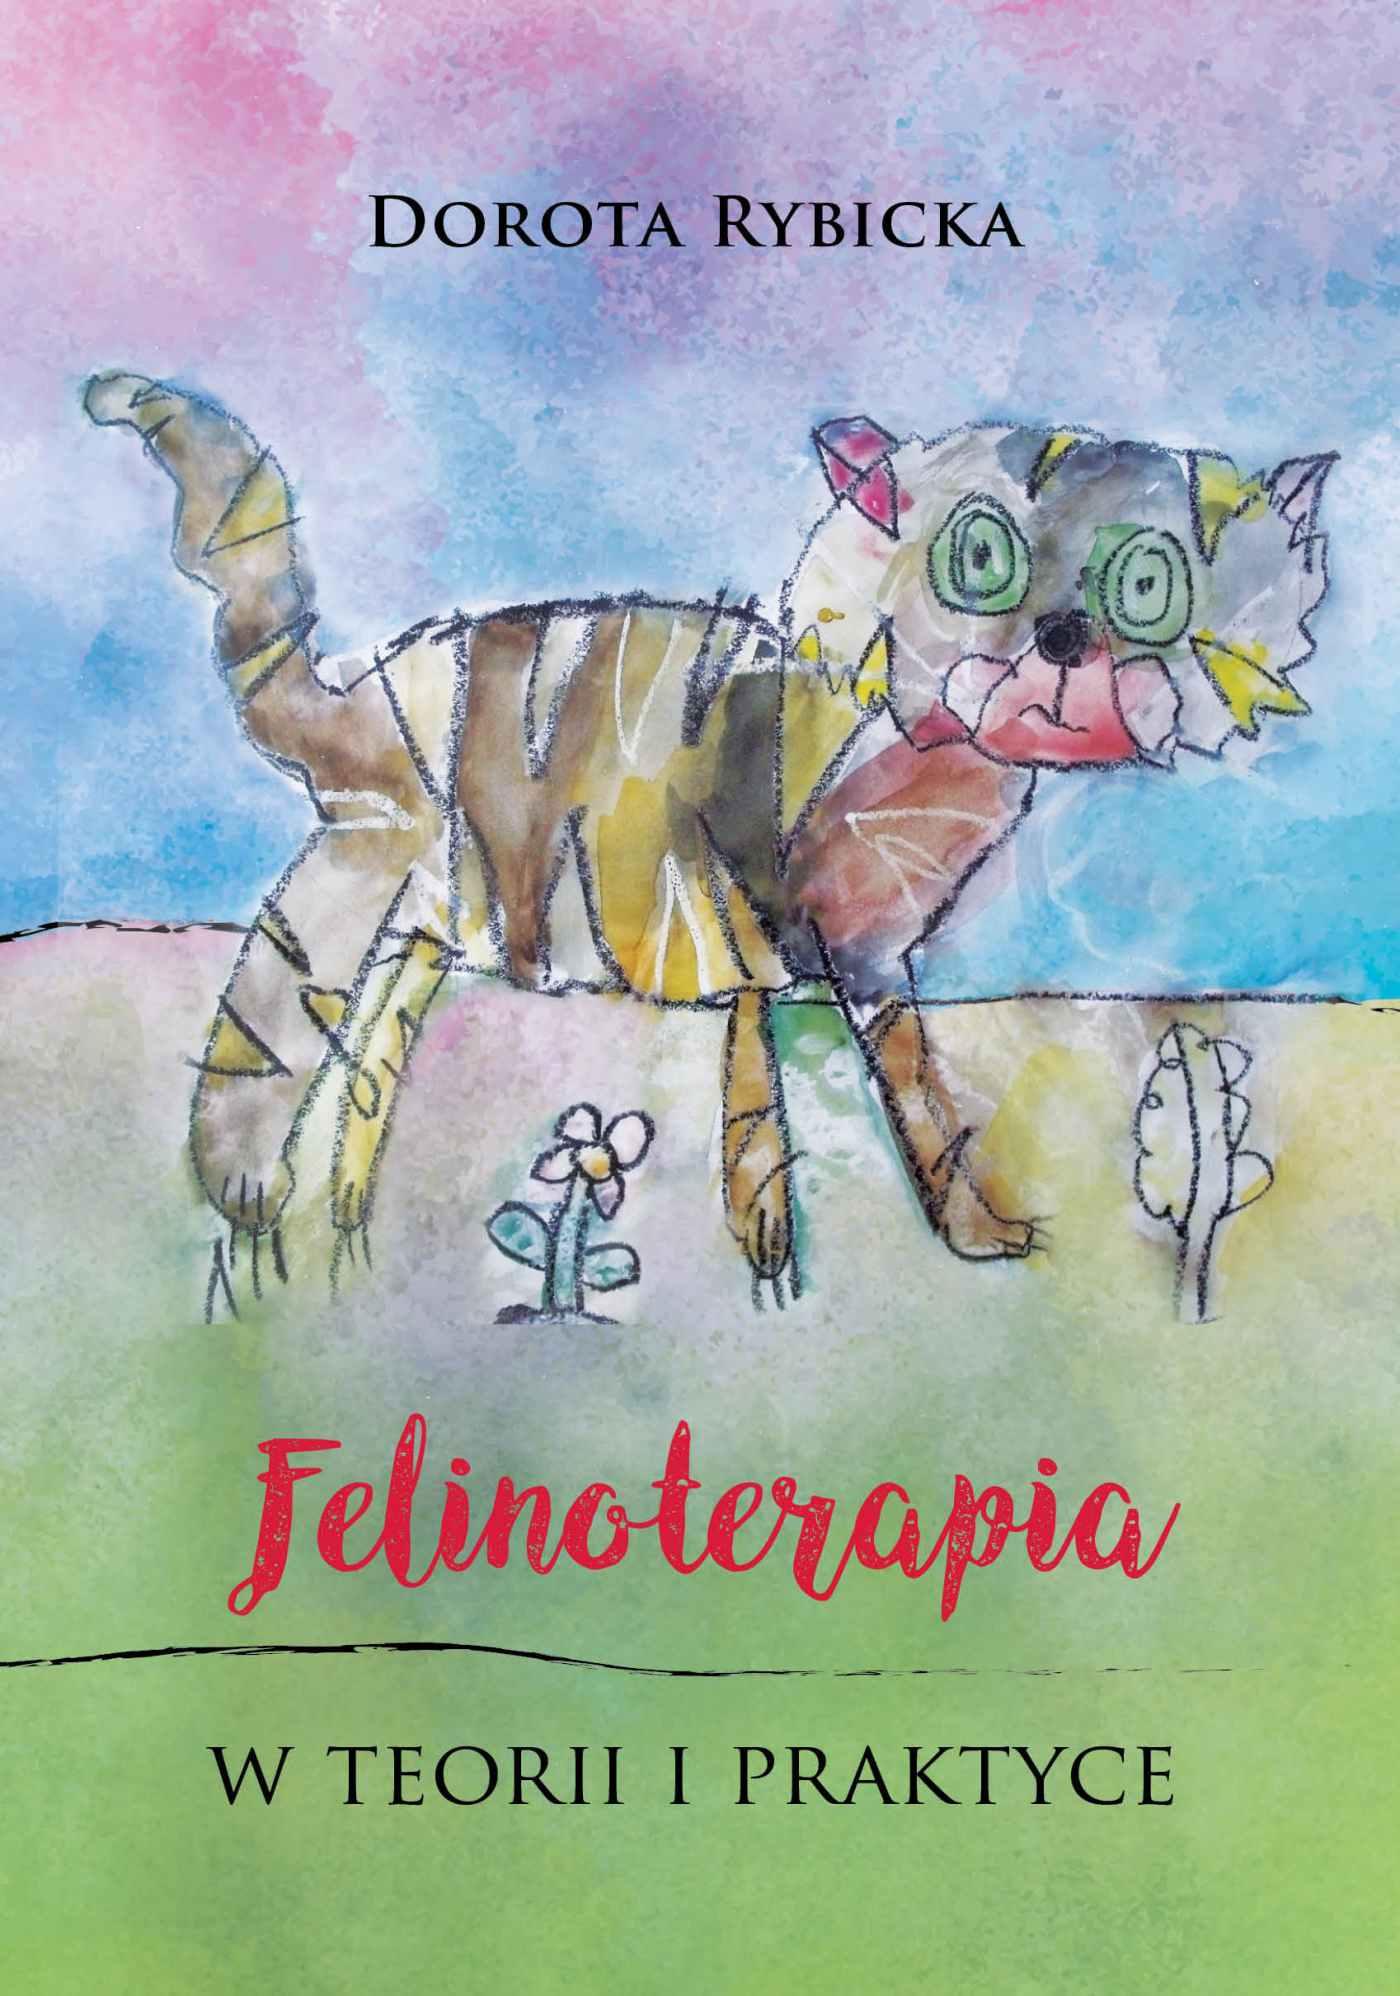 Felinoterapia w teorii i praktyce - Ebook (Książka EPUB) do pobrania w formacie EPUB